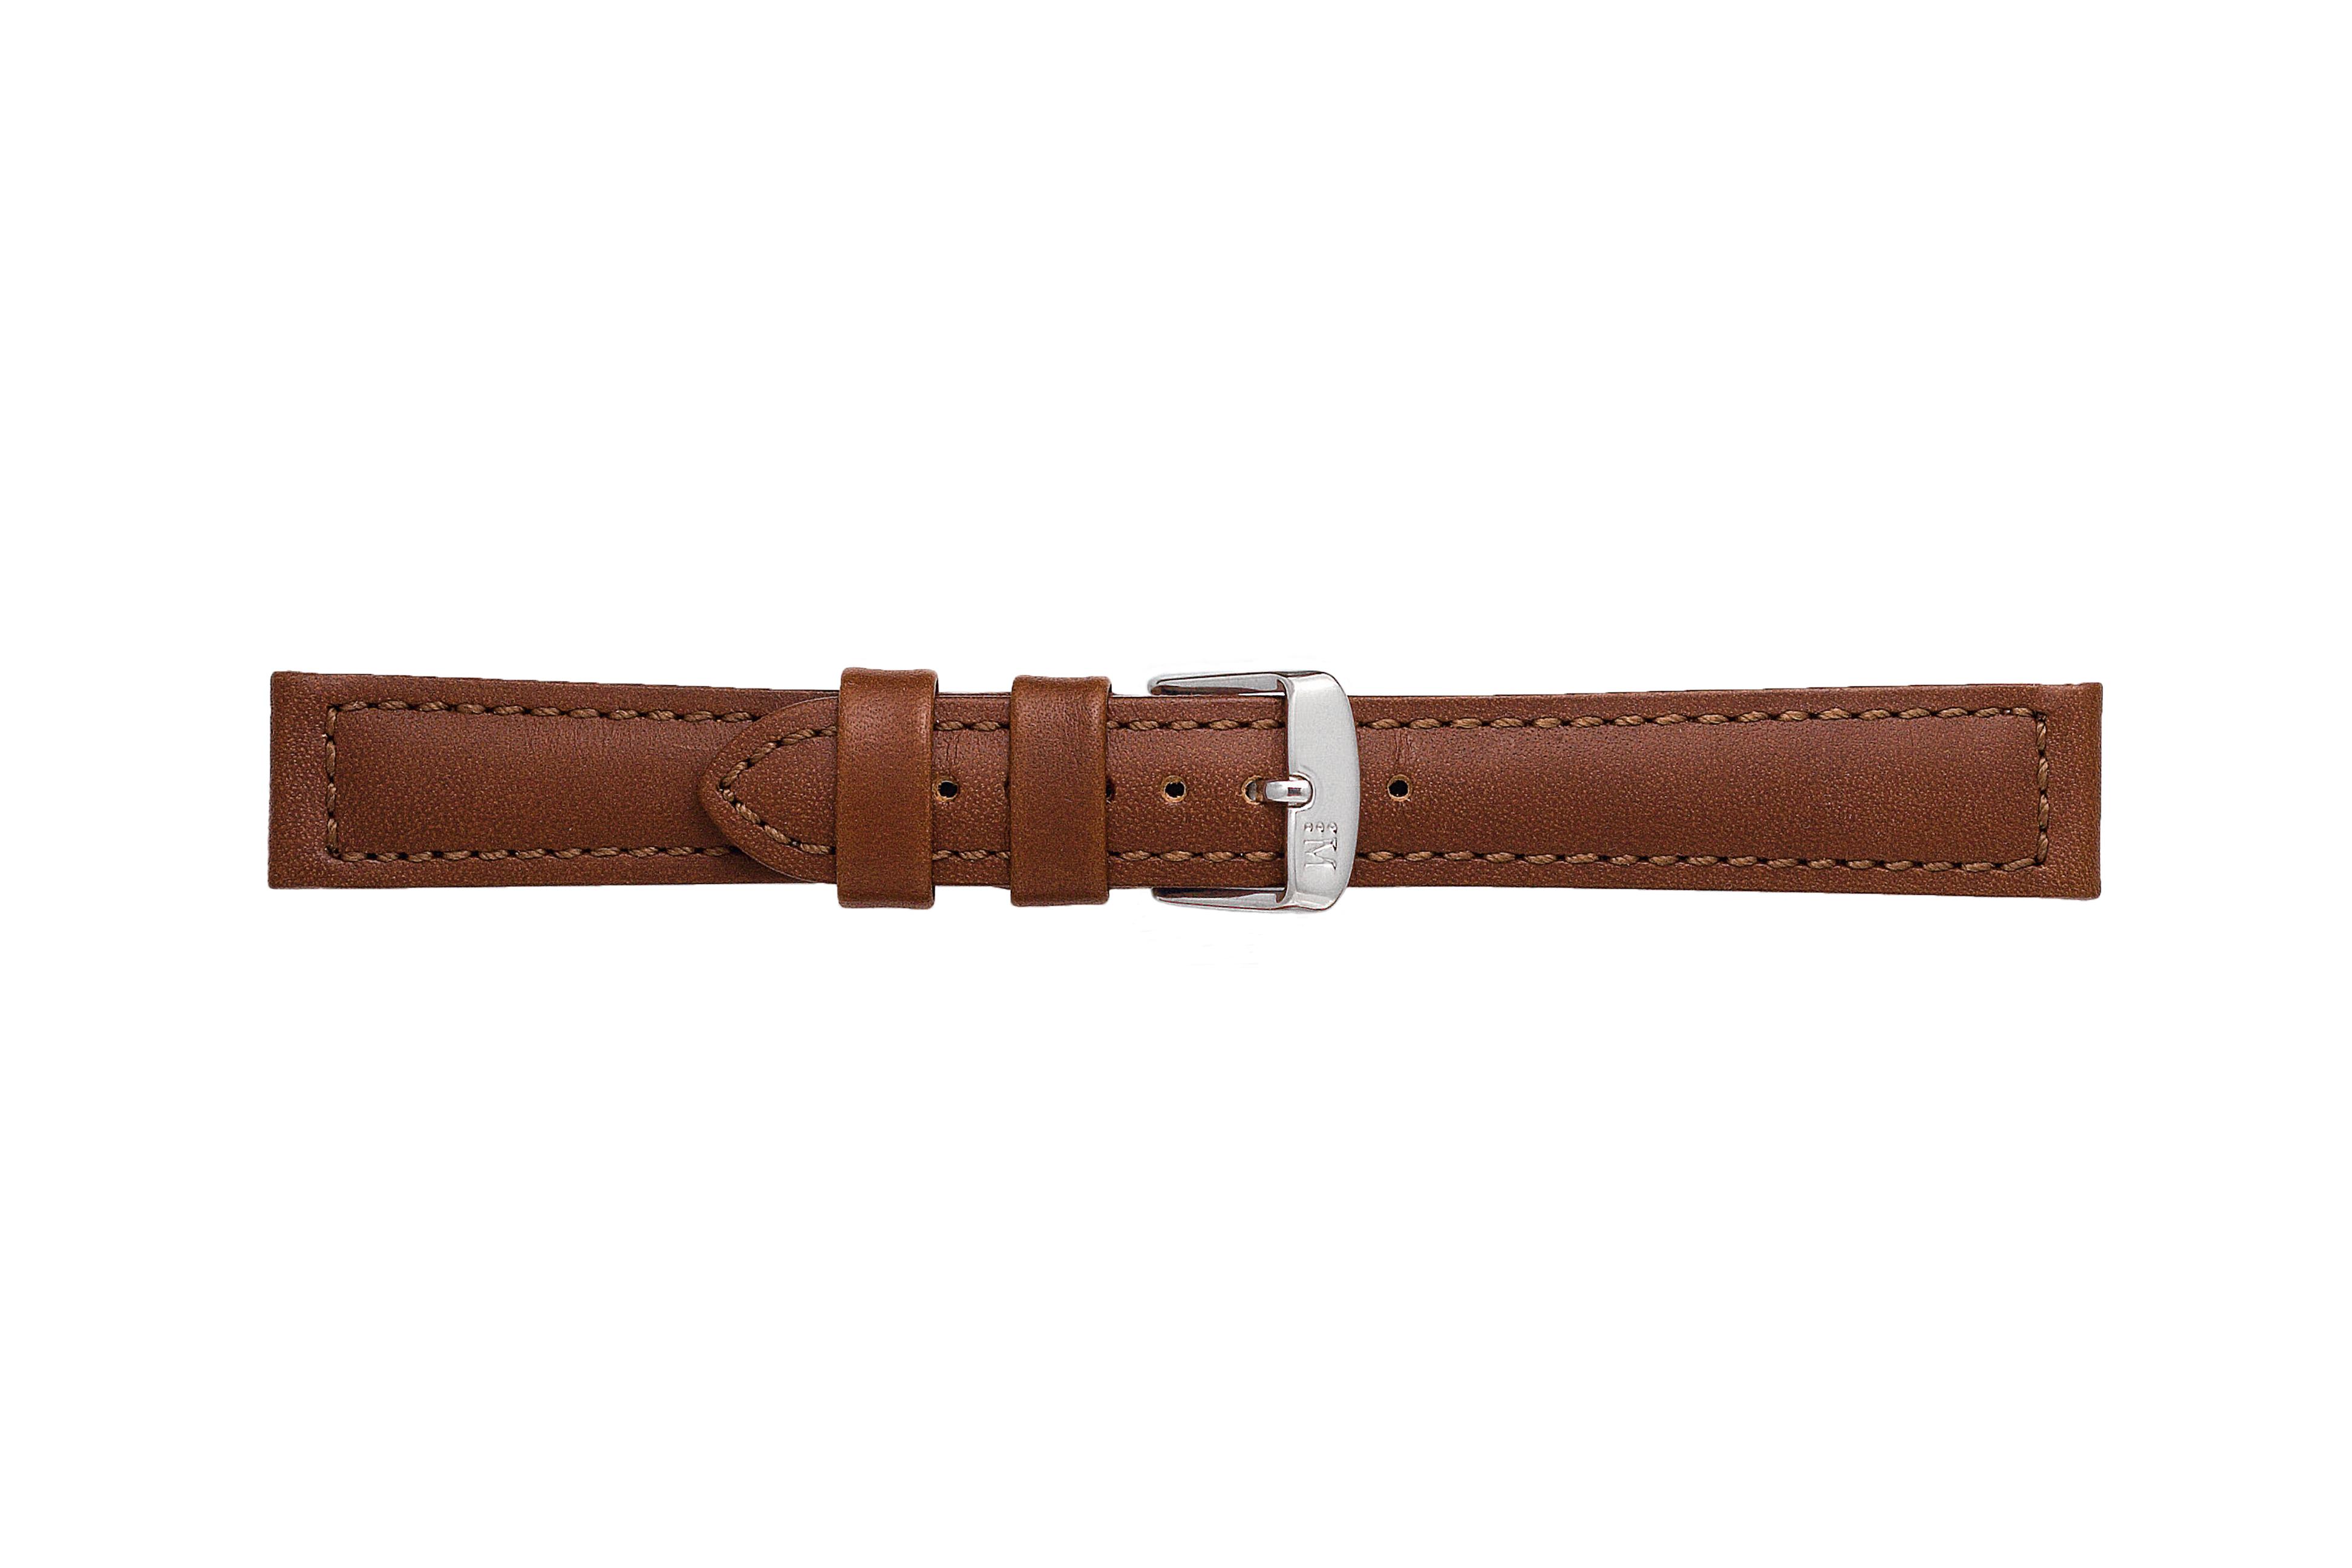 Morellato horlogeband Botero U2226364034CR22 / PMU034BOTERL22 Glad leder Donkerbruin 22mm + standaard stiksel